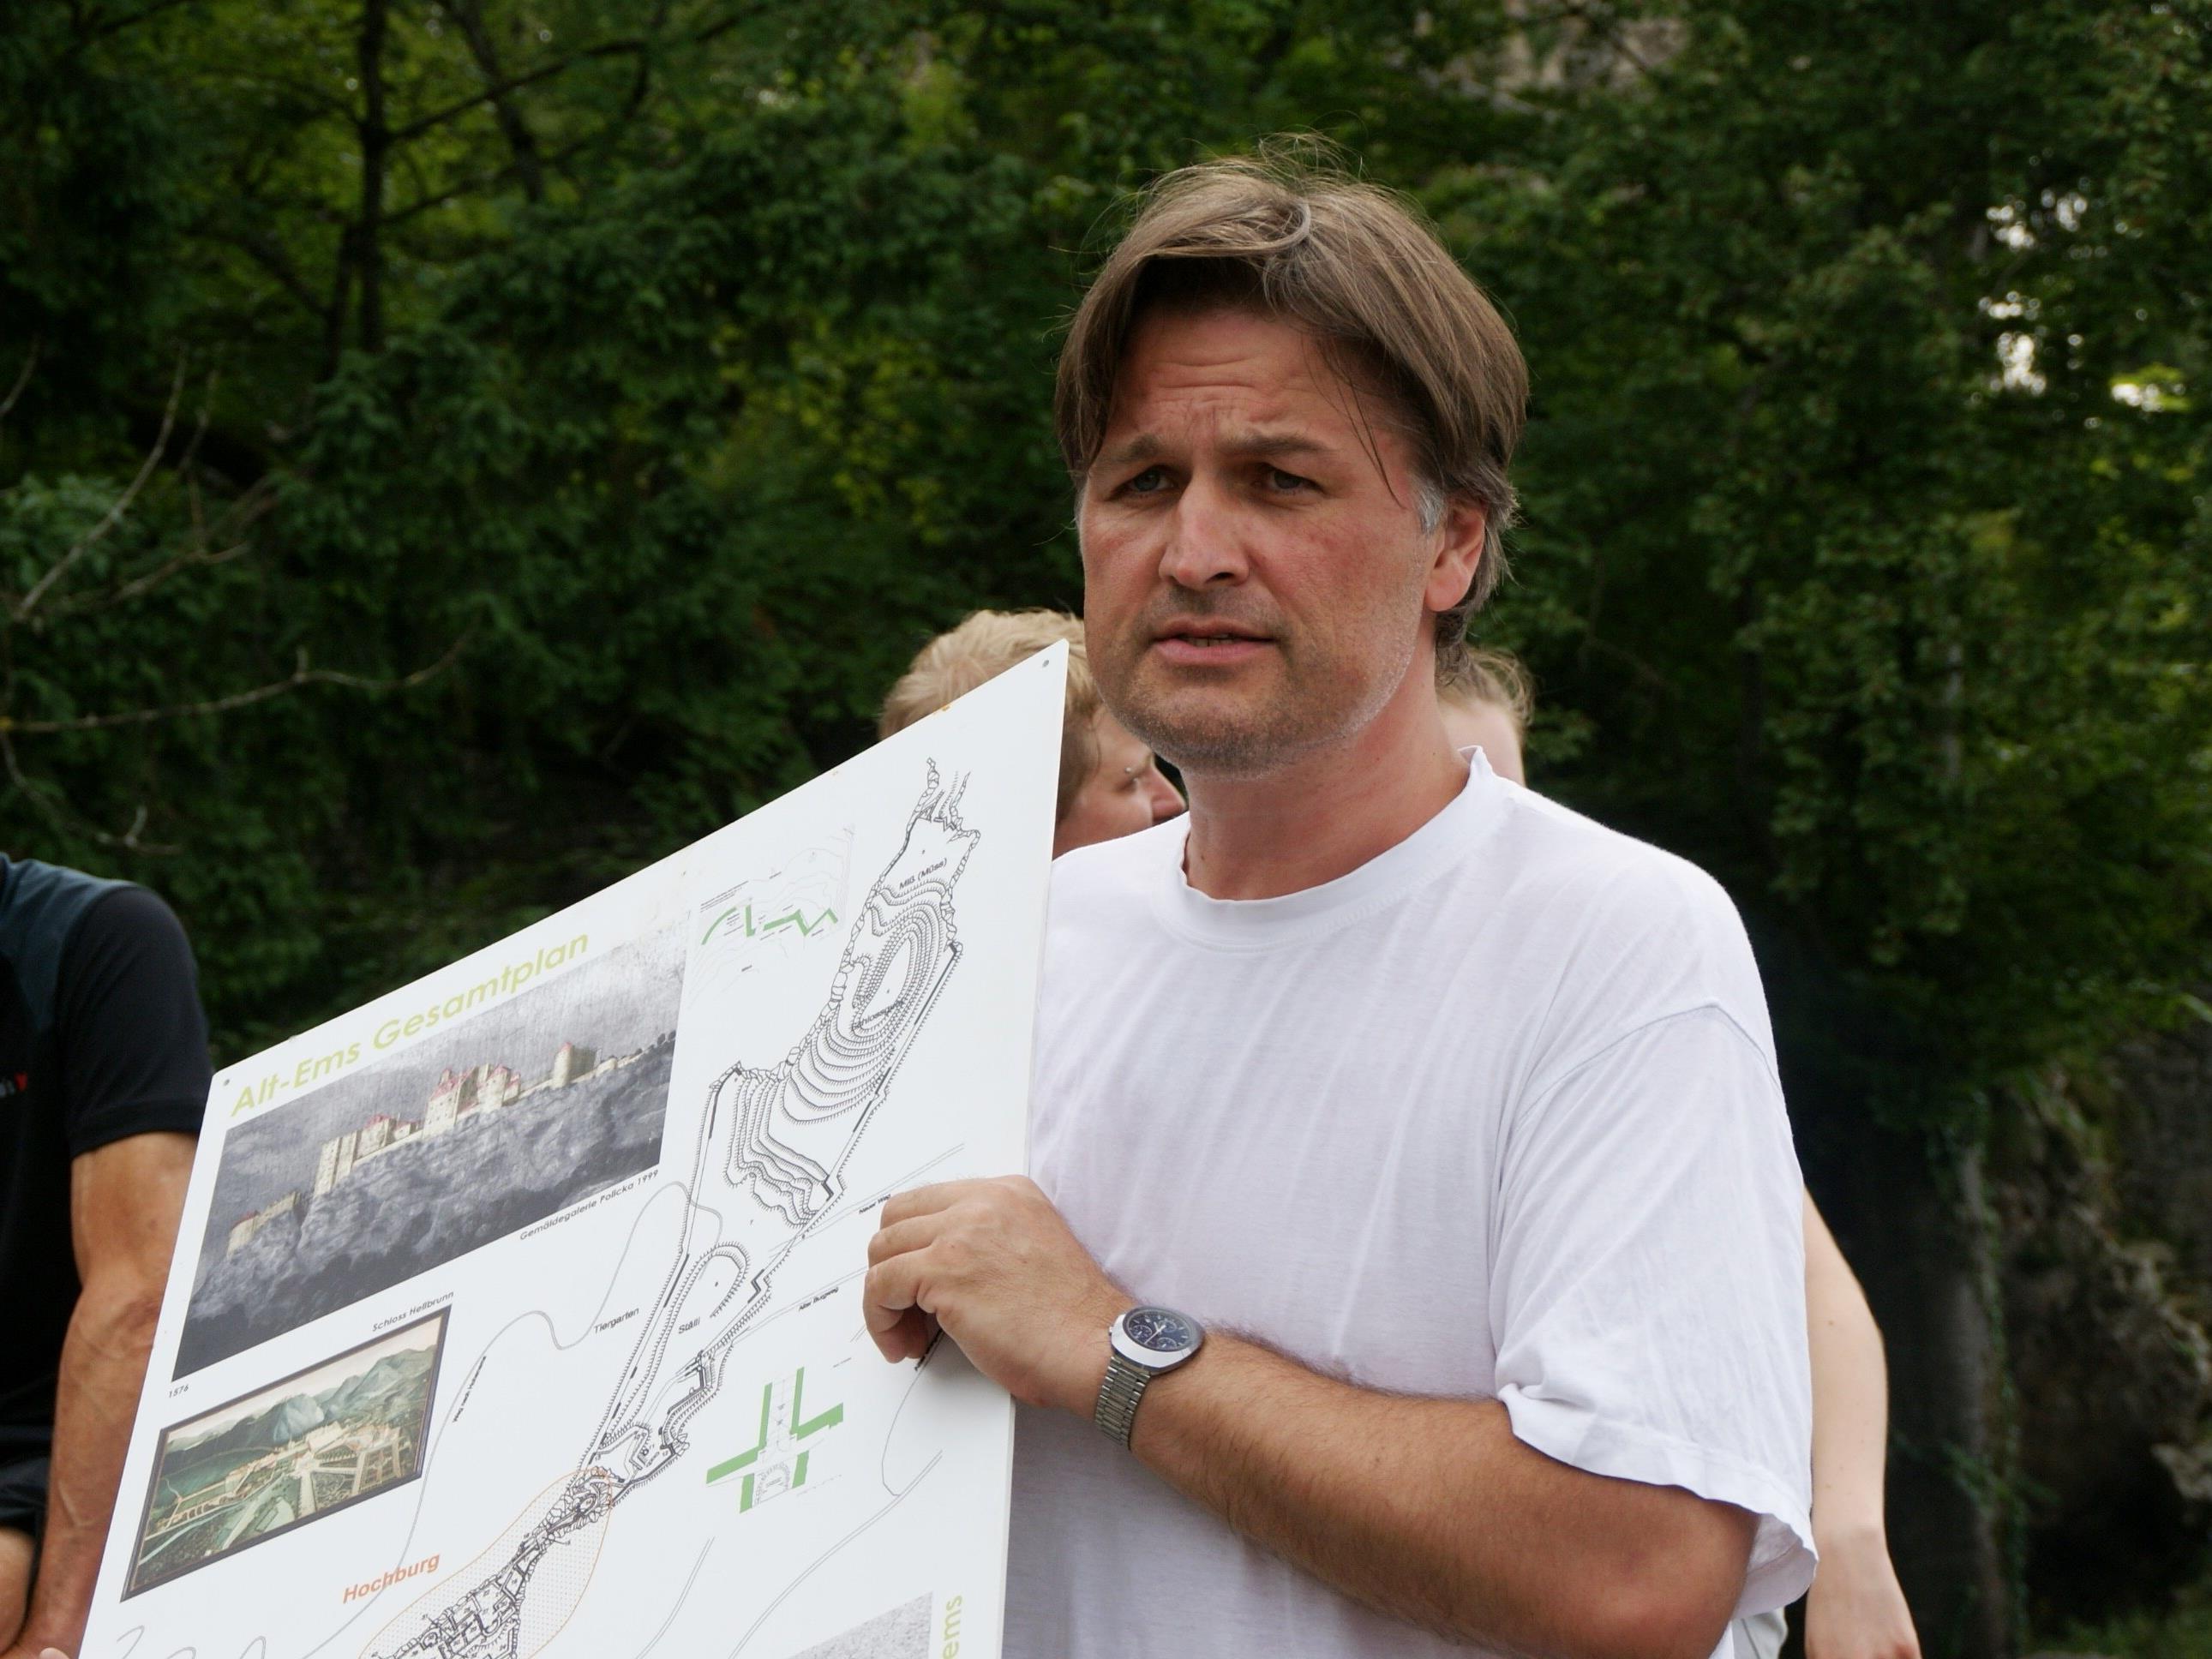 Raimund Rhomberg informierte über den Stand der Sanierungsarbeiten und deren Wichtigkeit.